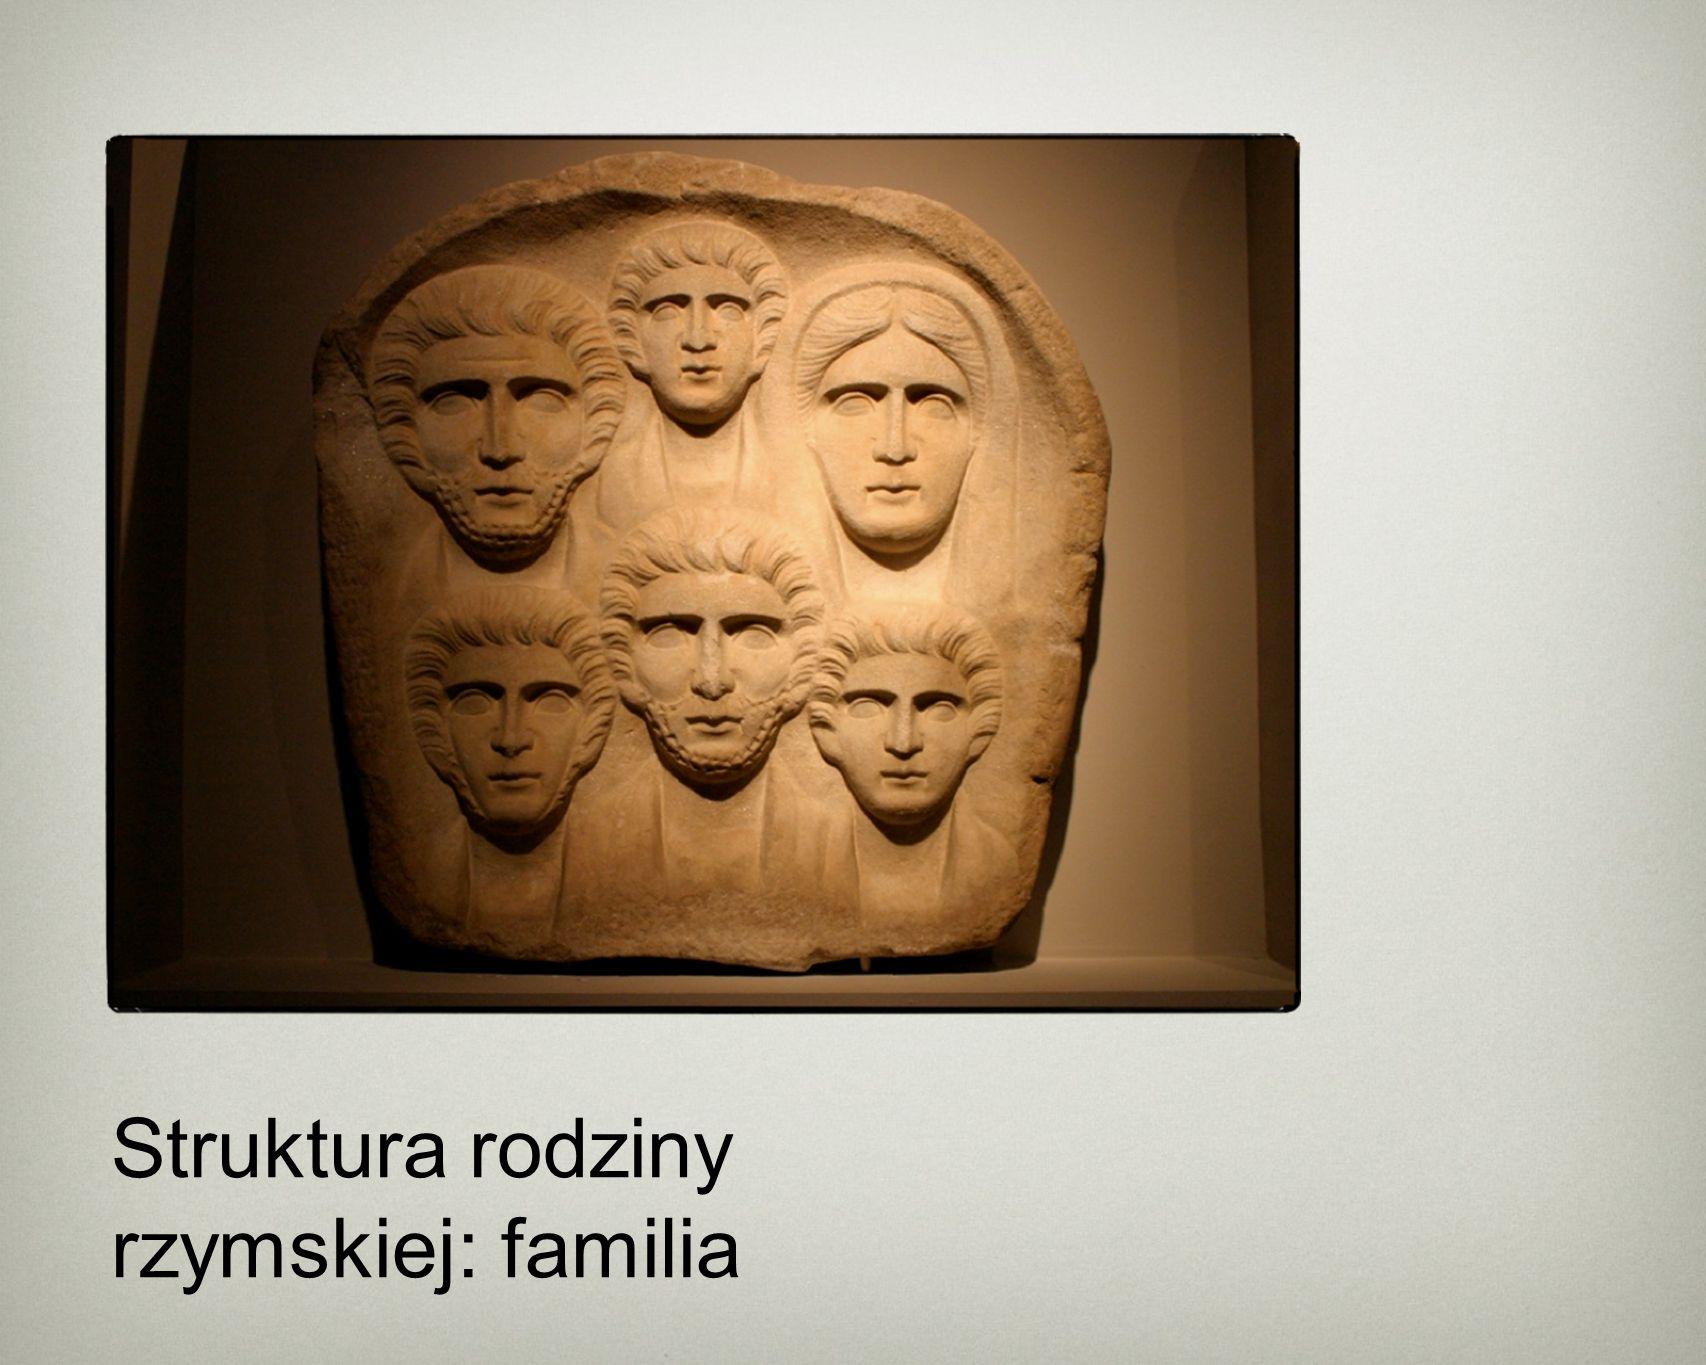 Familia D.50.16.195.1-5 (Ulp. ks. 46 kom. do Edyktu): Zobaczmy, co oznacza familia.